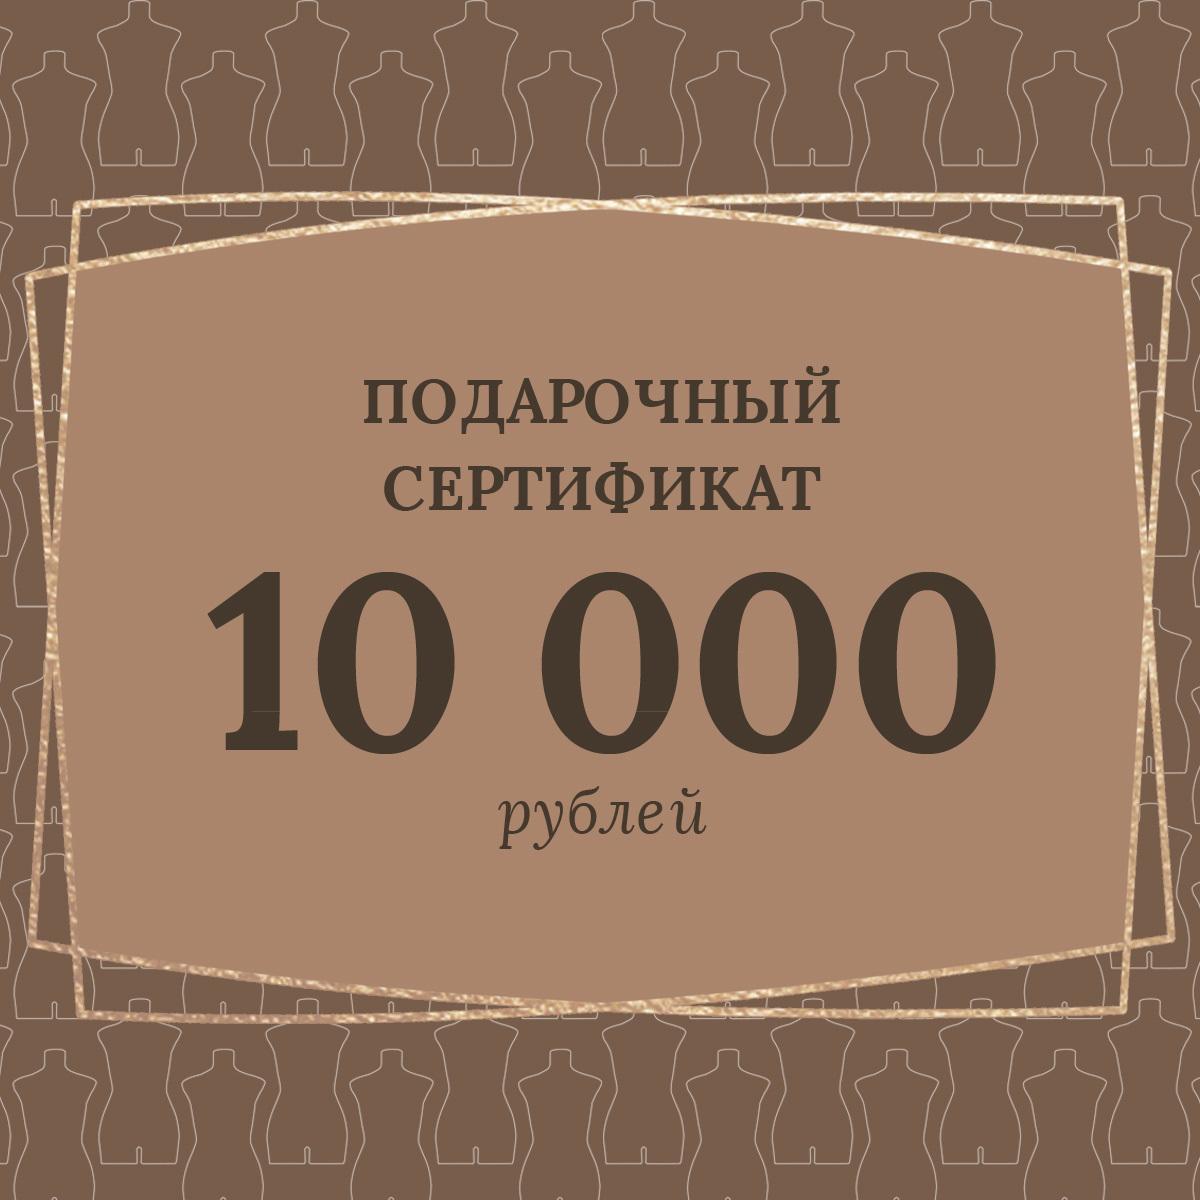 Электронный подарочный сертификат на 10 000 руб.